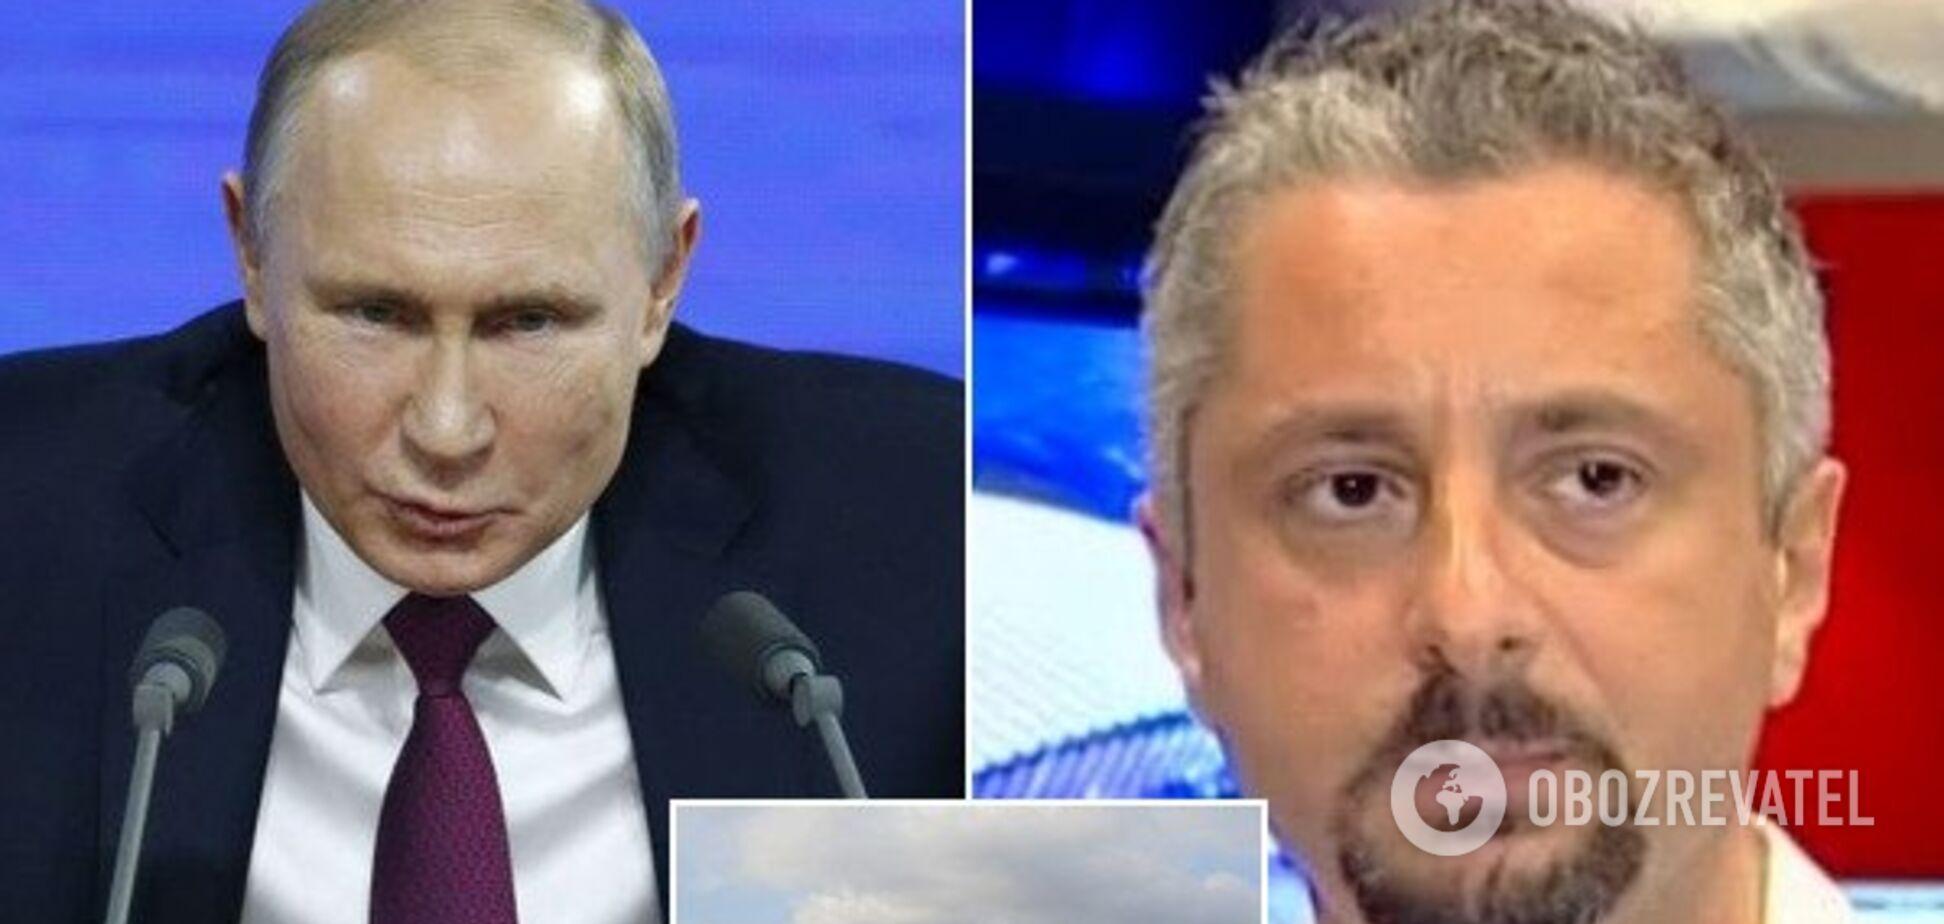 'Да я мочился во все это!' В Грузии назрел новый нецензурный скандал из-за России